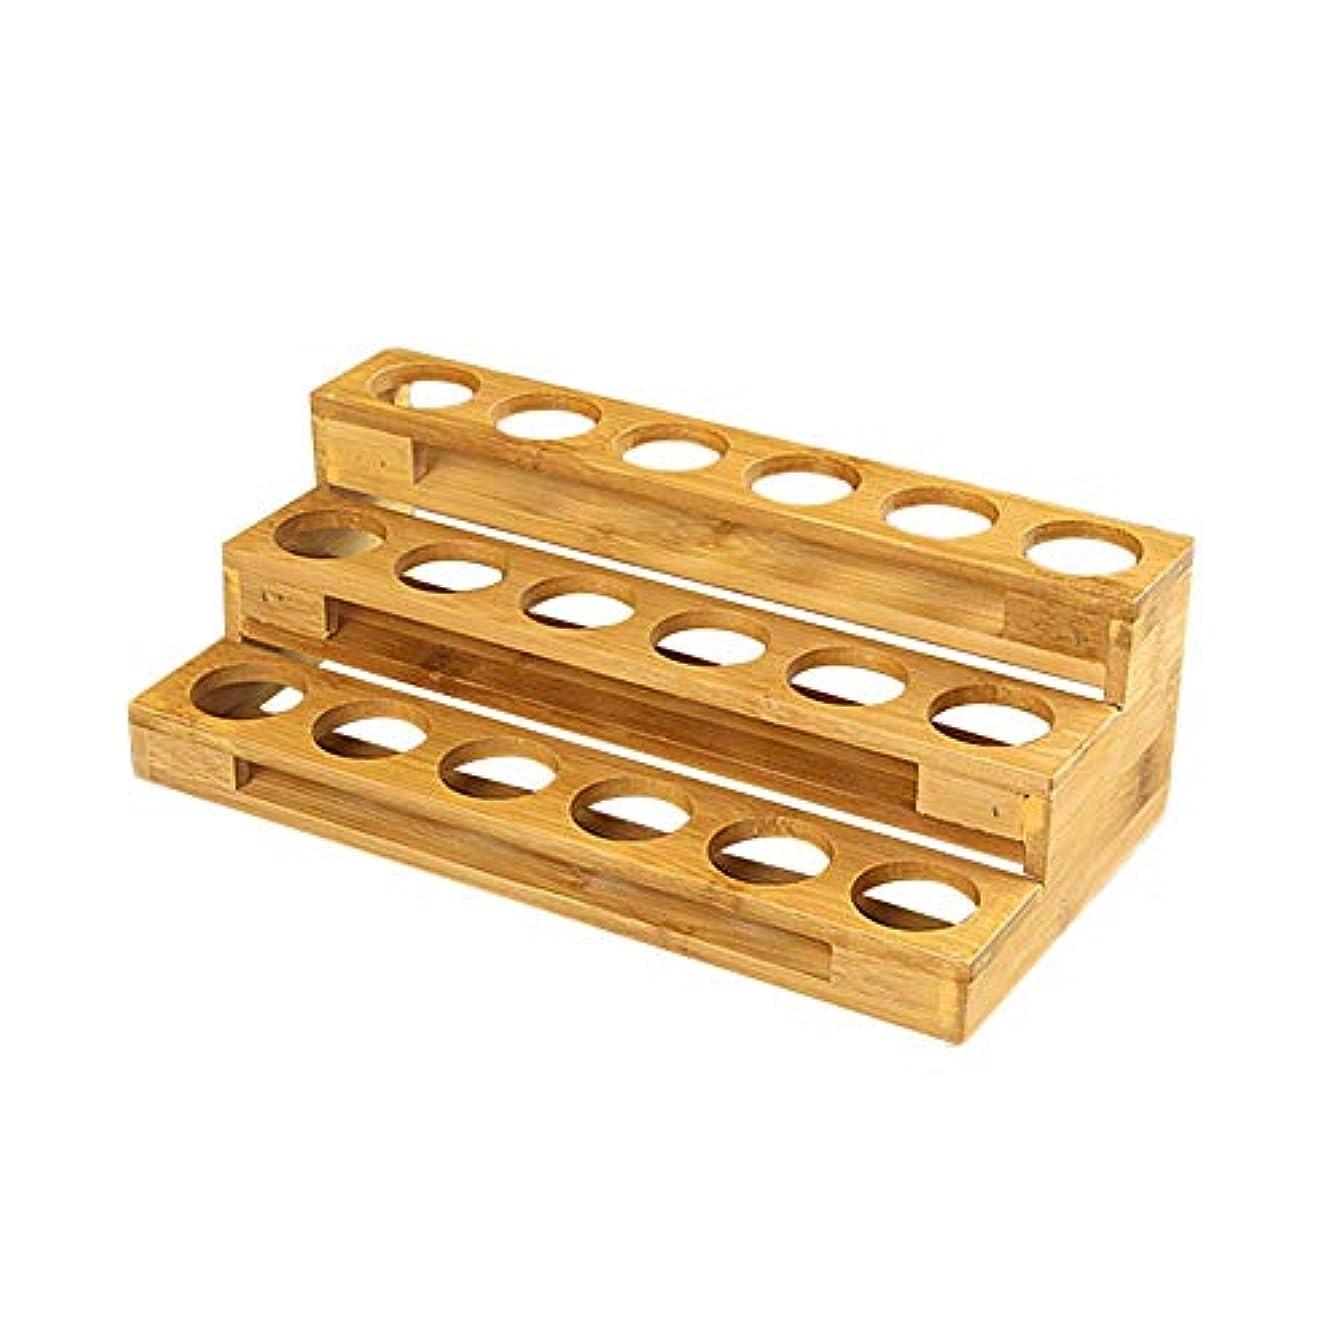 ダンプ税金ラベルエッセンシャルオイル収納ボックス 自然木製 エッセンシャルオイルオイル 収納 ボックス 香水収納ケース はしごタイプ アロマオイル収納ボックス 18本用